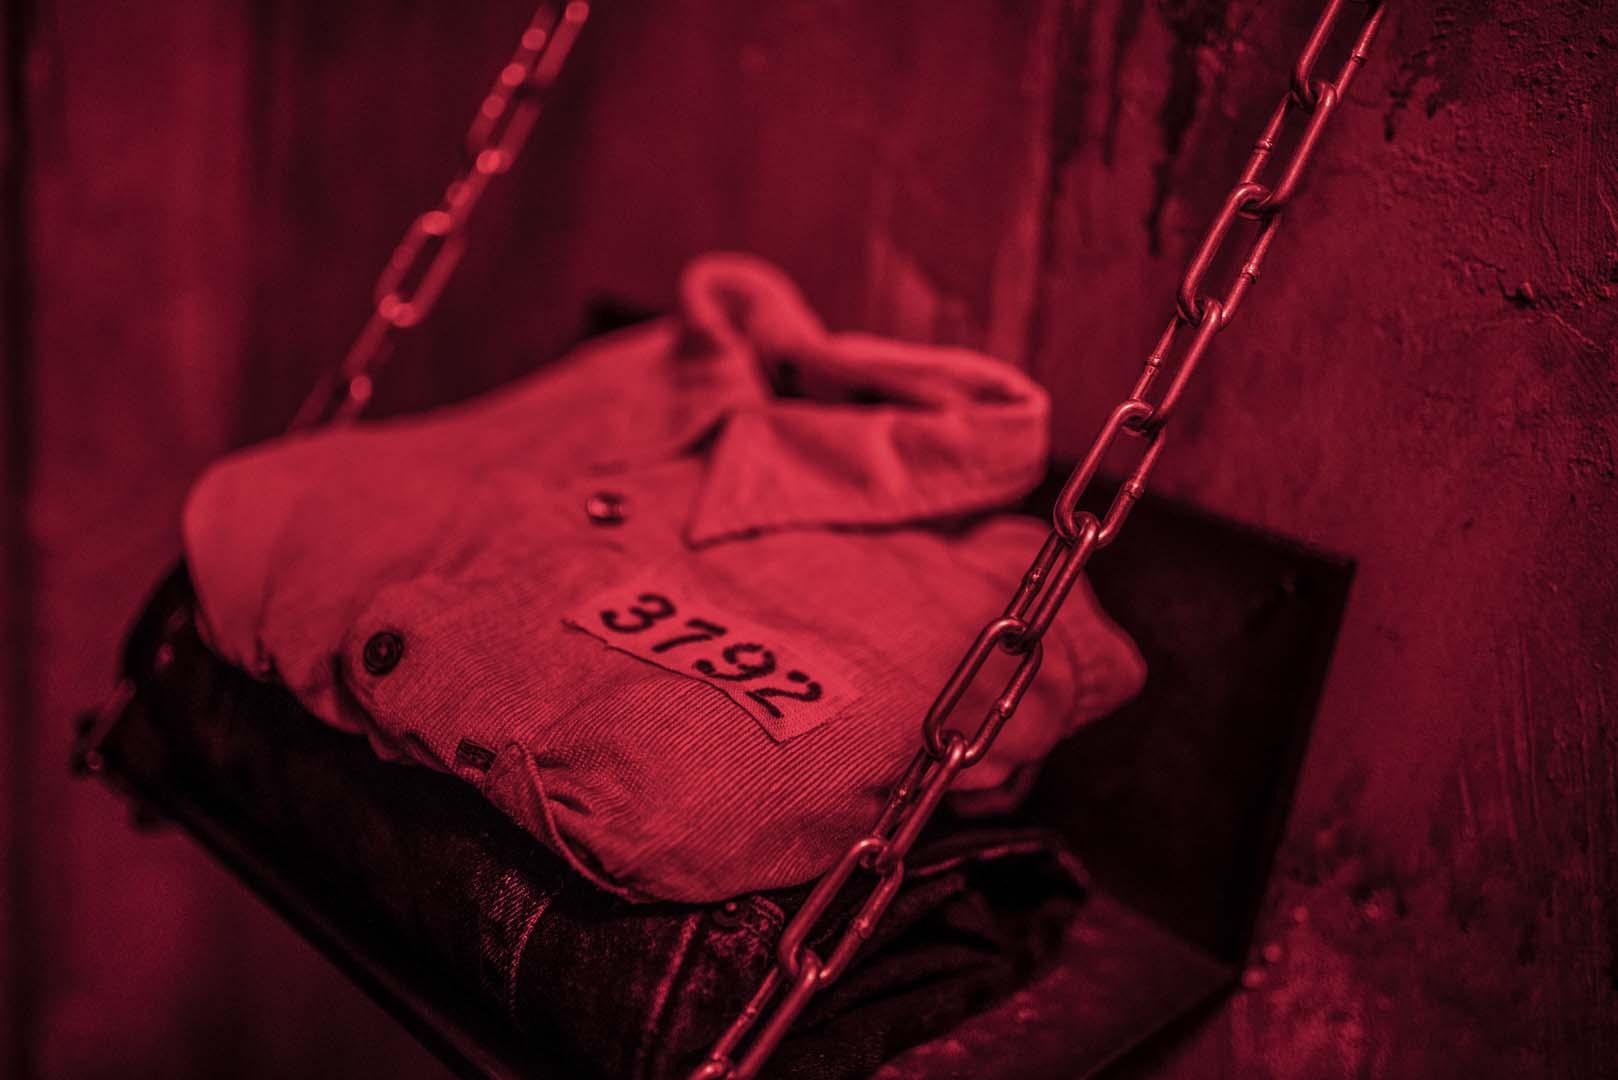 Castle Rock prison shirt